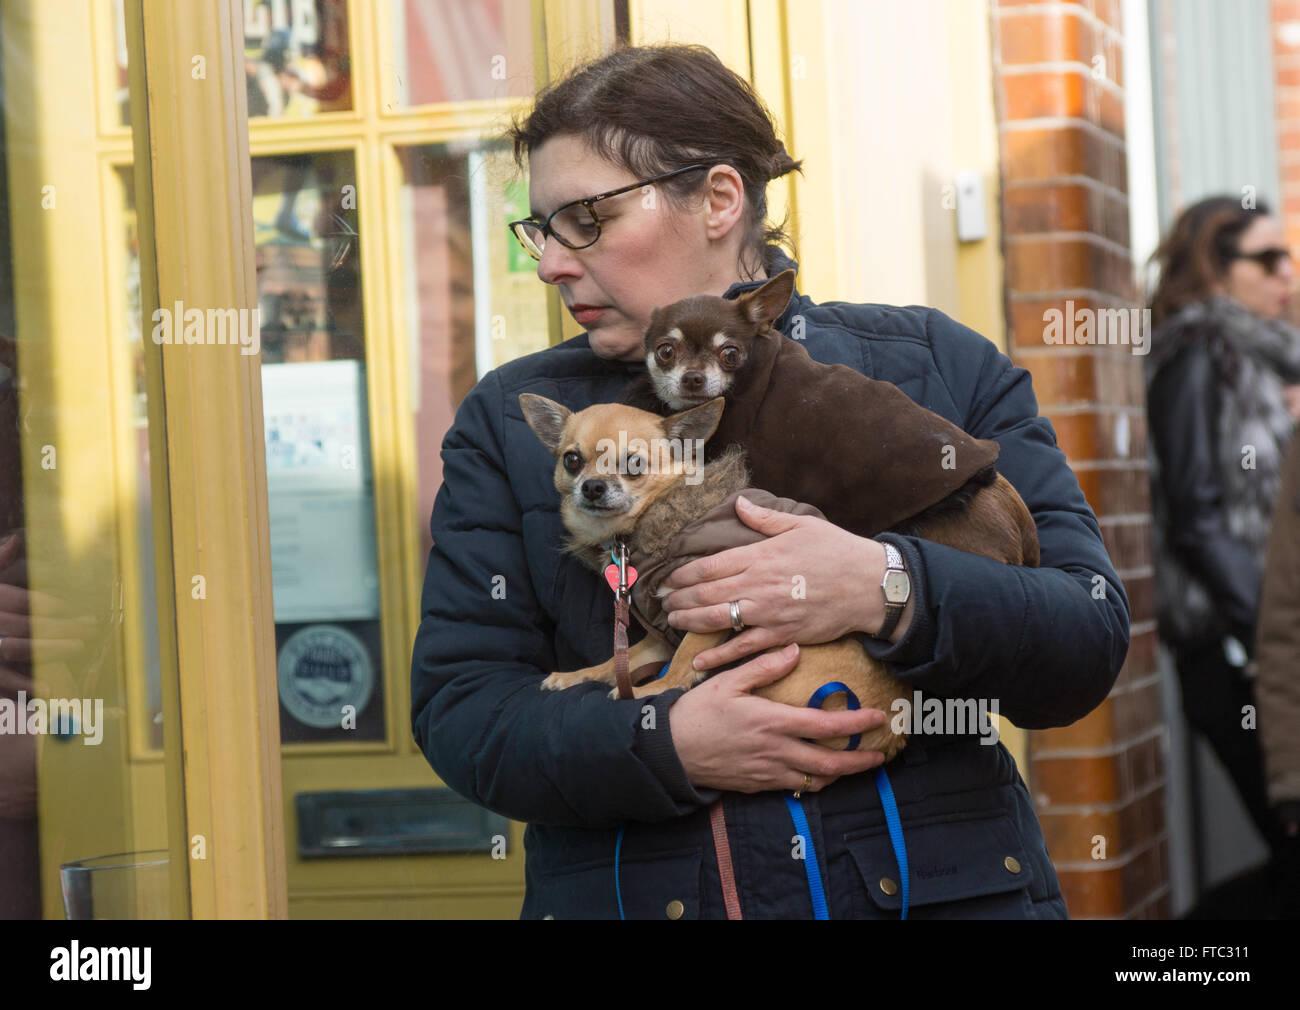 Mujer con perros, hembra propietario de perro, mujer llevar perros Foto de stock